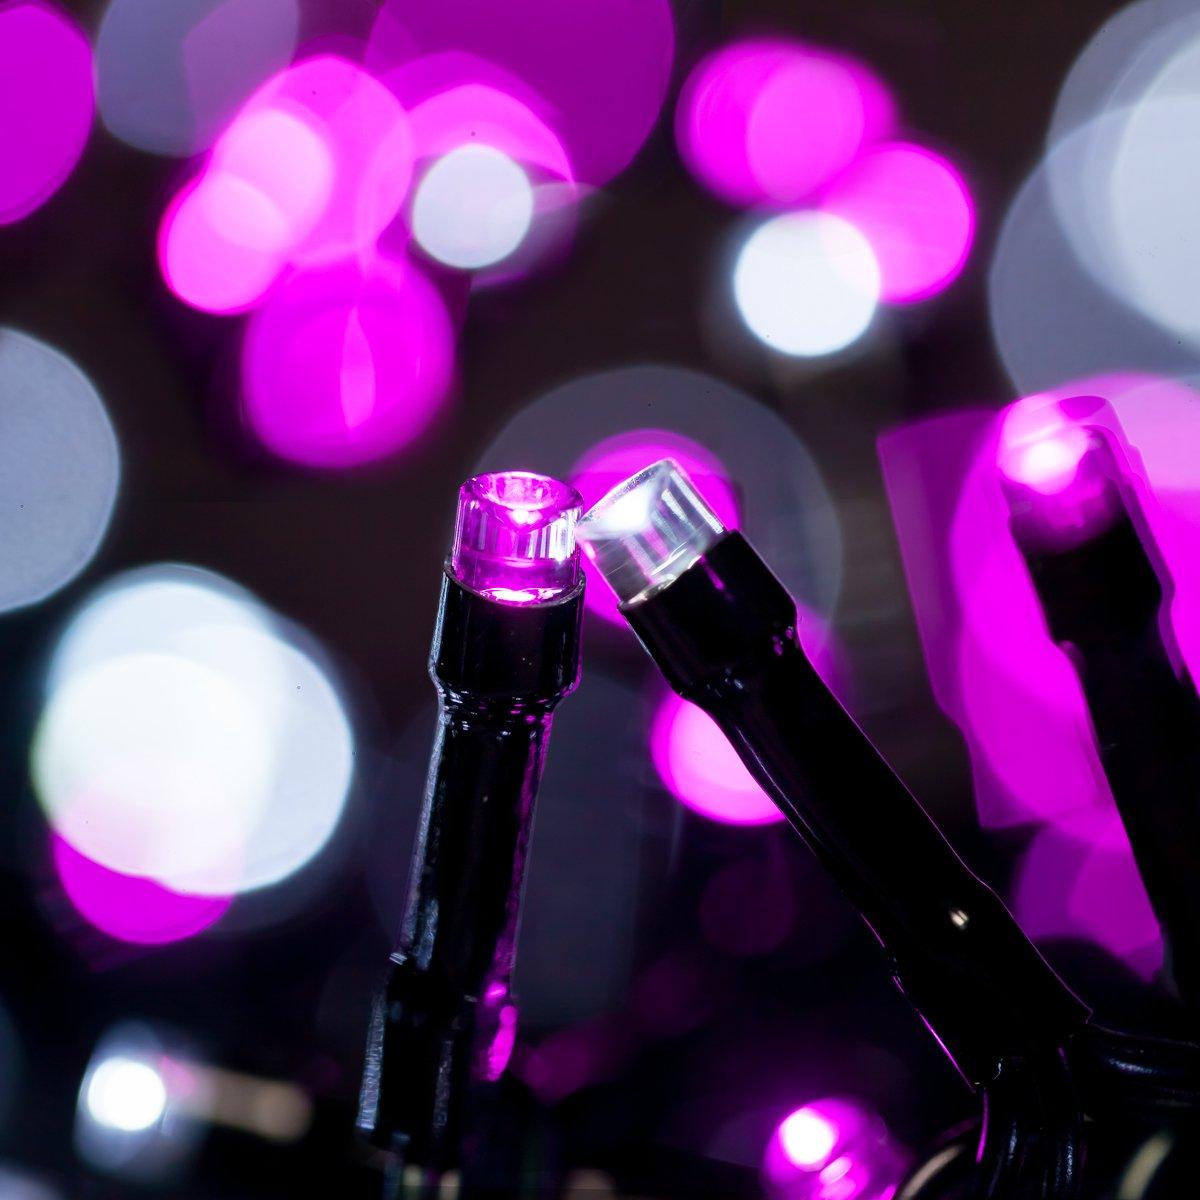 Blu+ Bianco Catena Luminosa WISD Cavo Verde Scuro Stringa Luci Con 8 Modalit/à Luci Natalizie Bicolori 33M 600 LED Luci Per Casa//Natale//Giardino//Feste Funzione Di Memoria Bassa Tensione